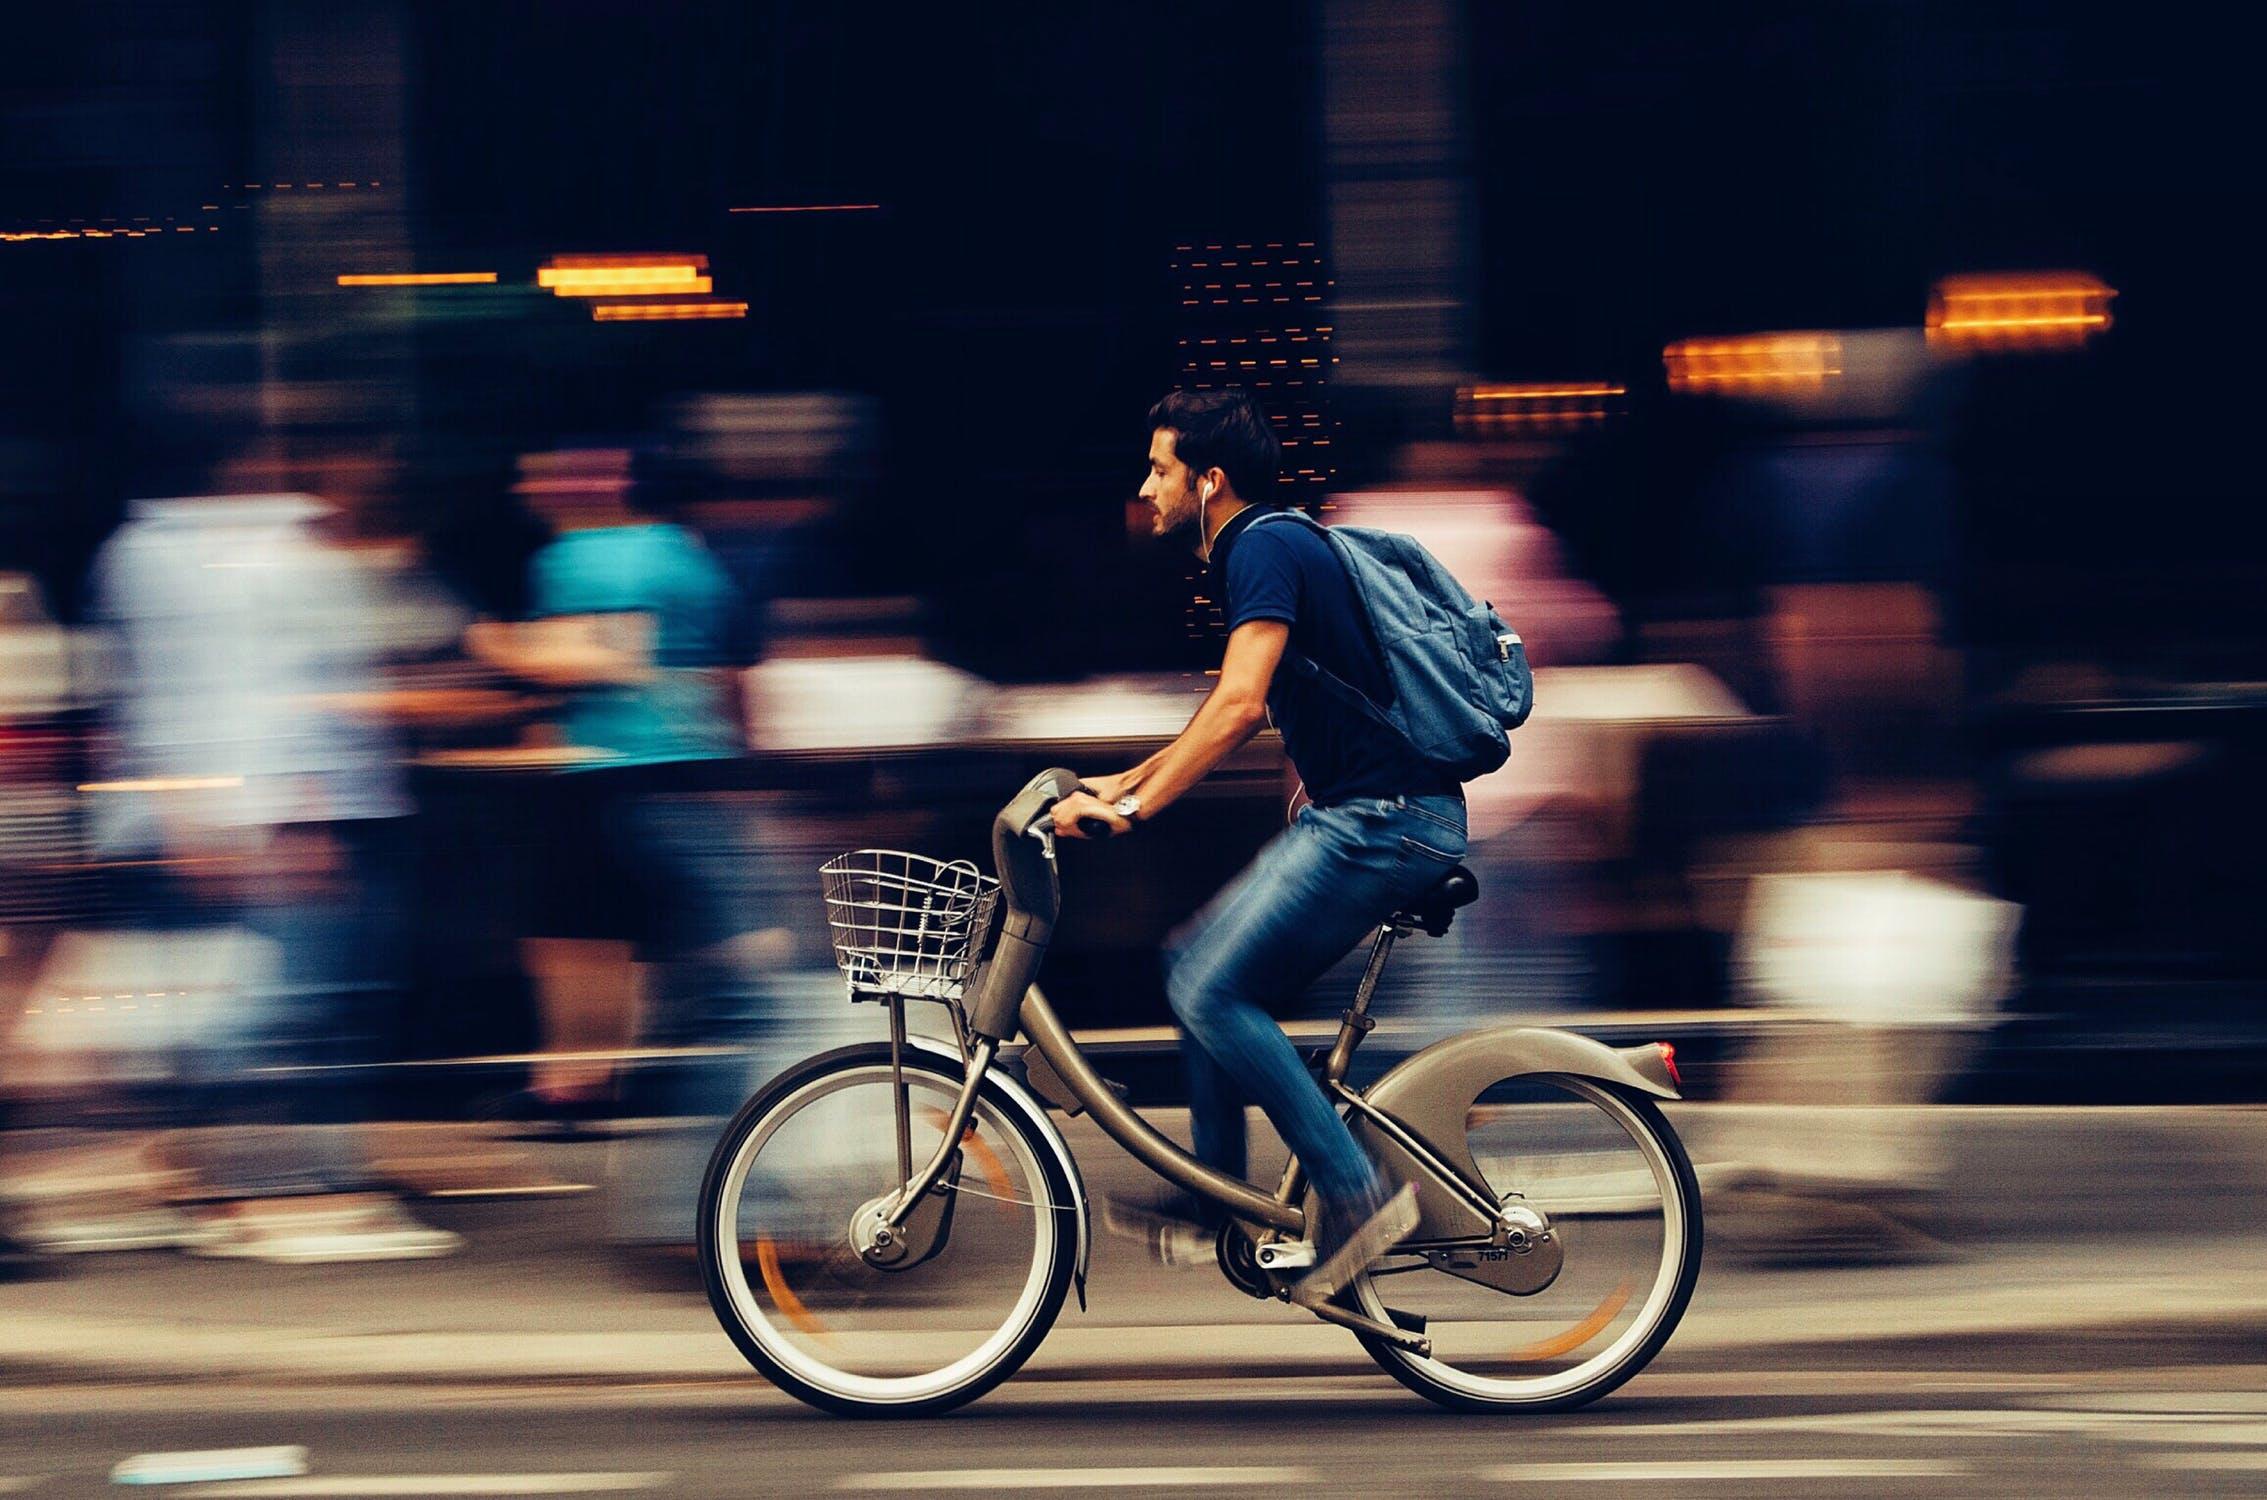 Fast Guy on Bike